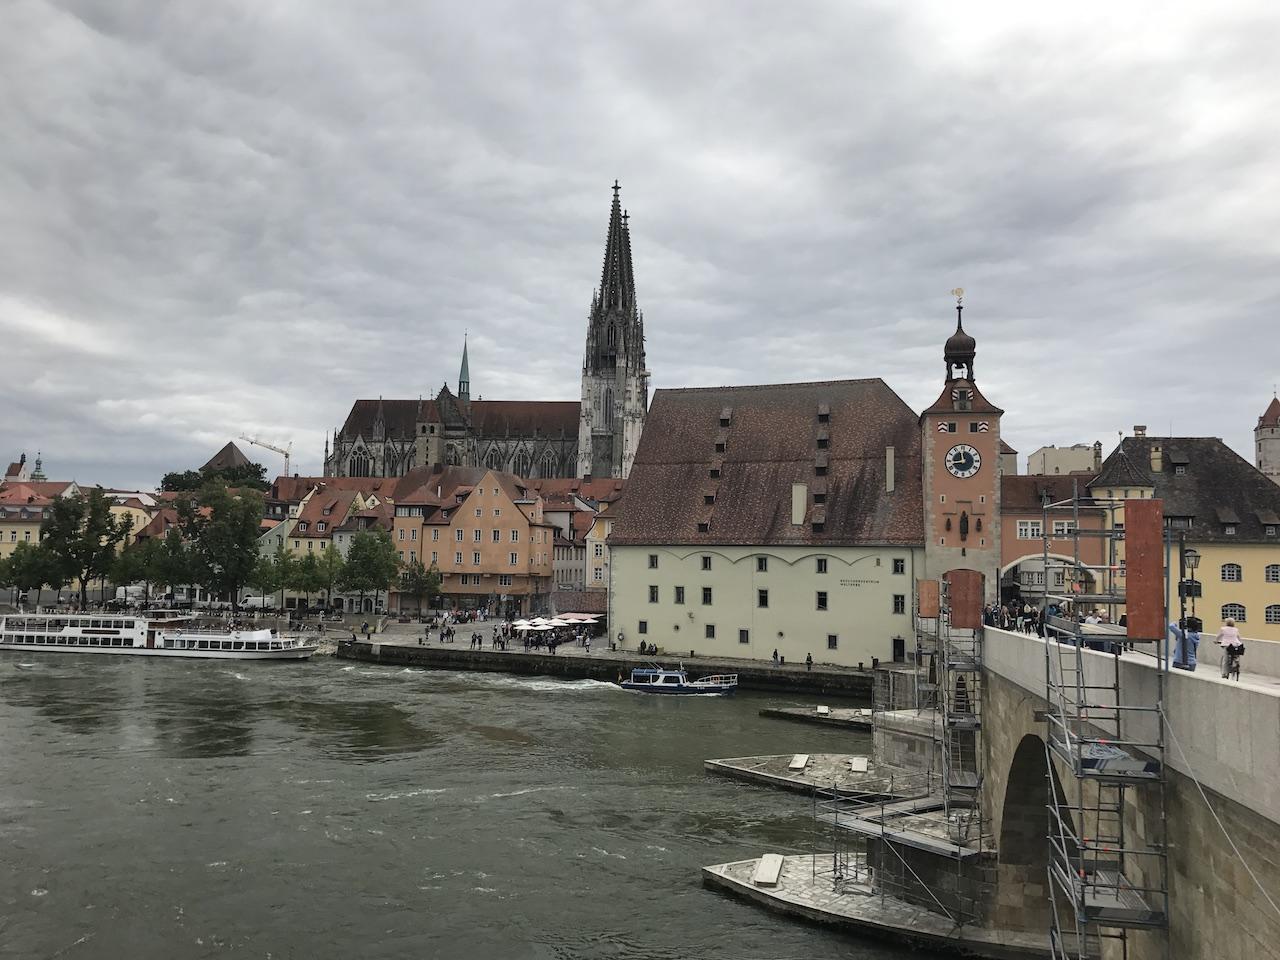 ドイツ世界遺産レーゲンスブルグの歩き方|行き方や街並みをご紹介!